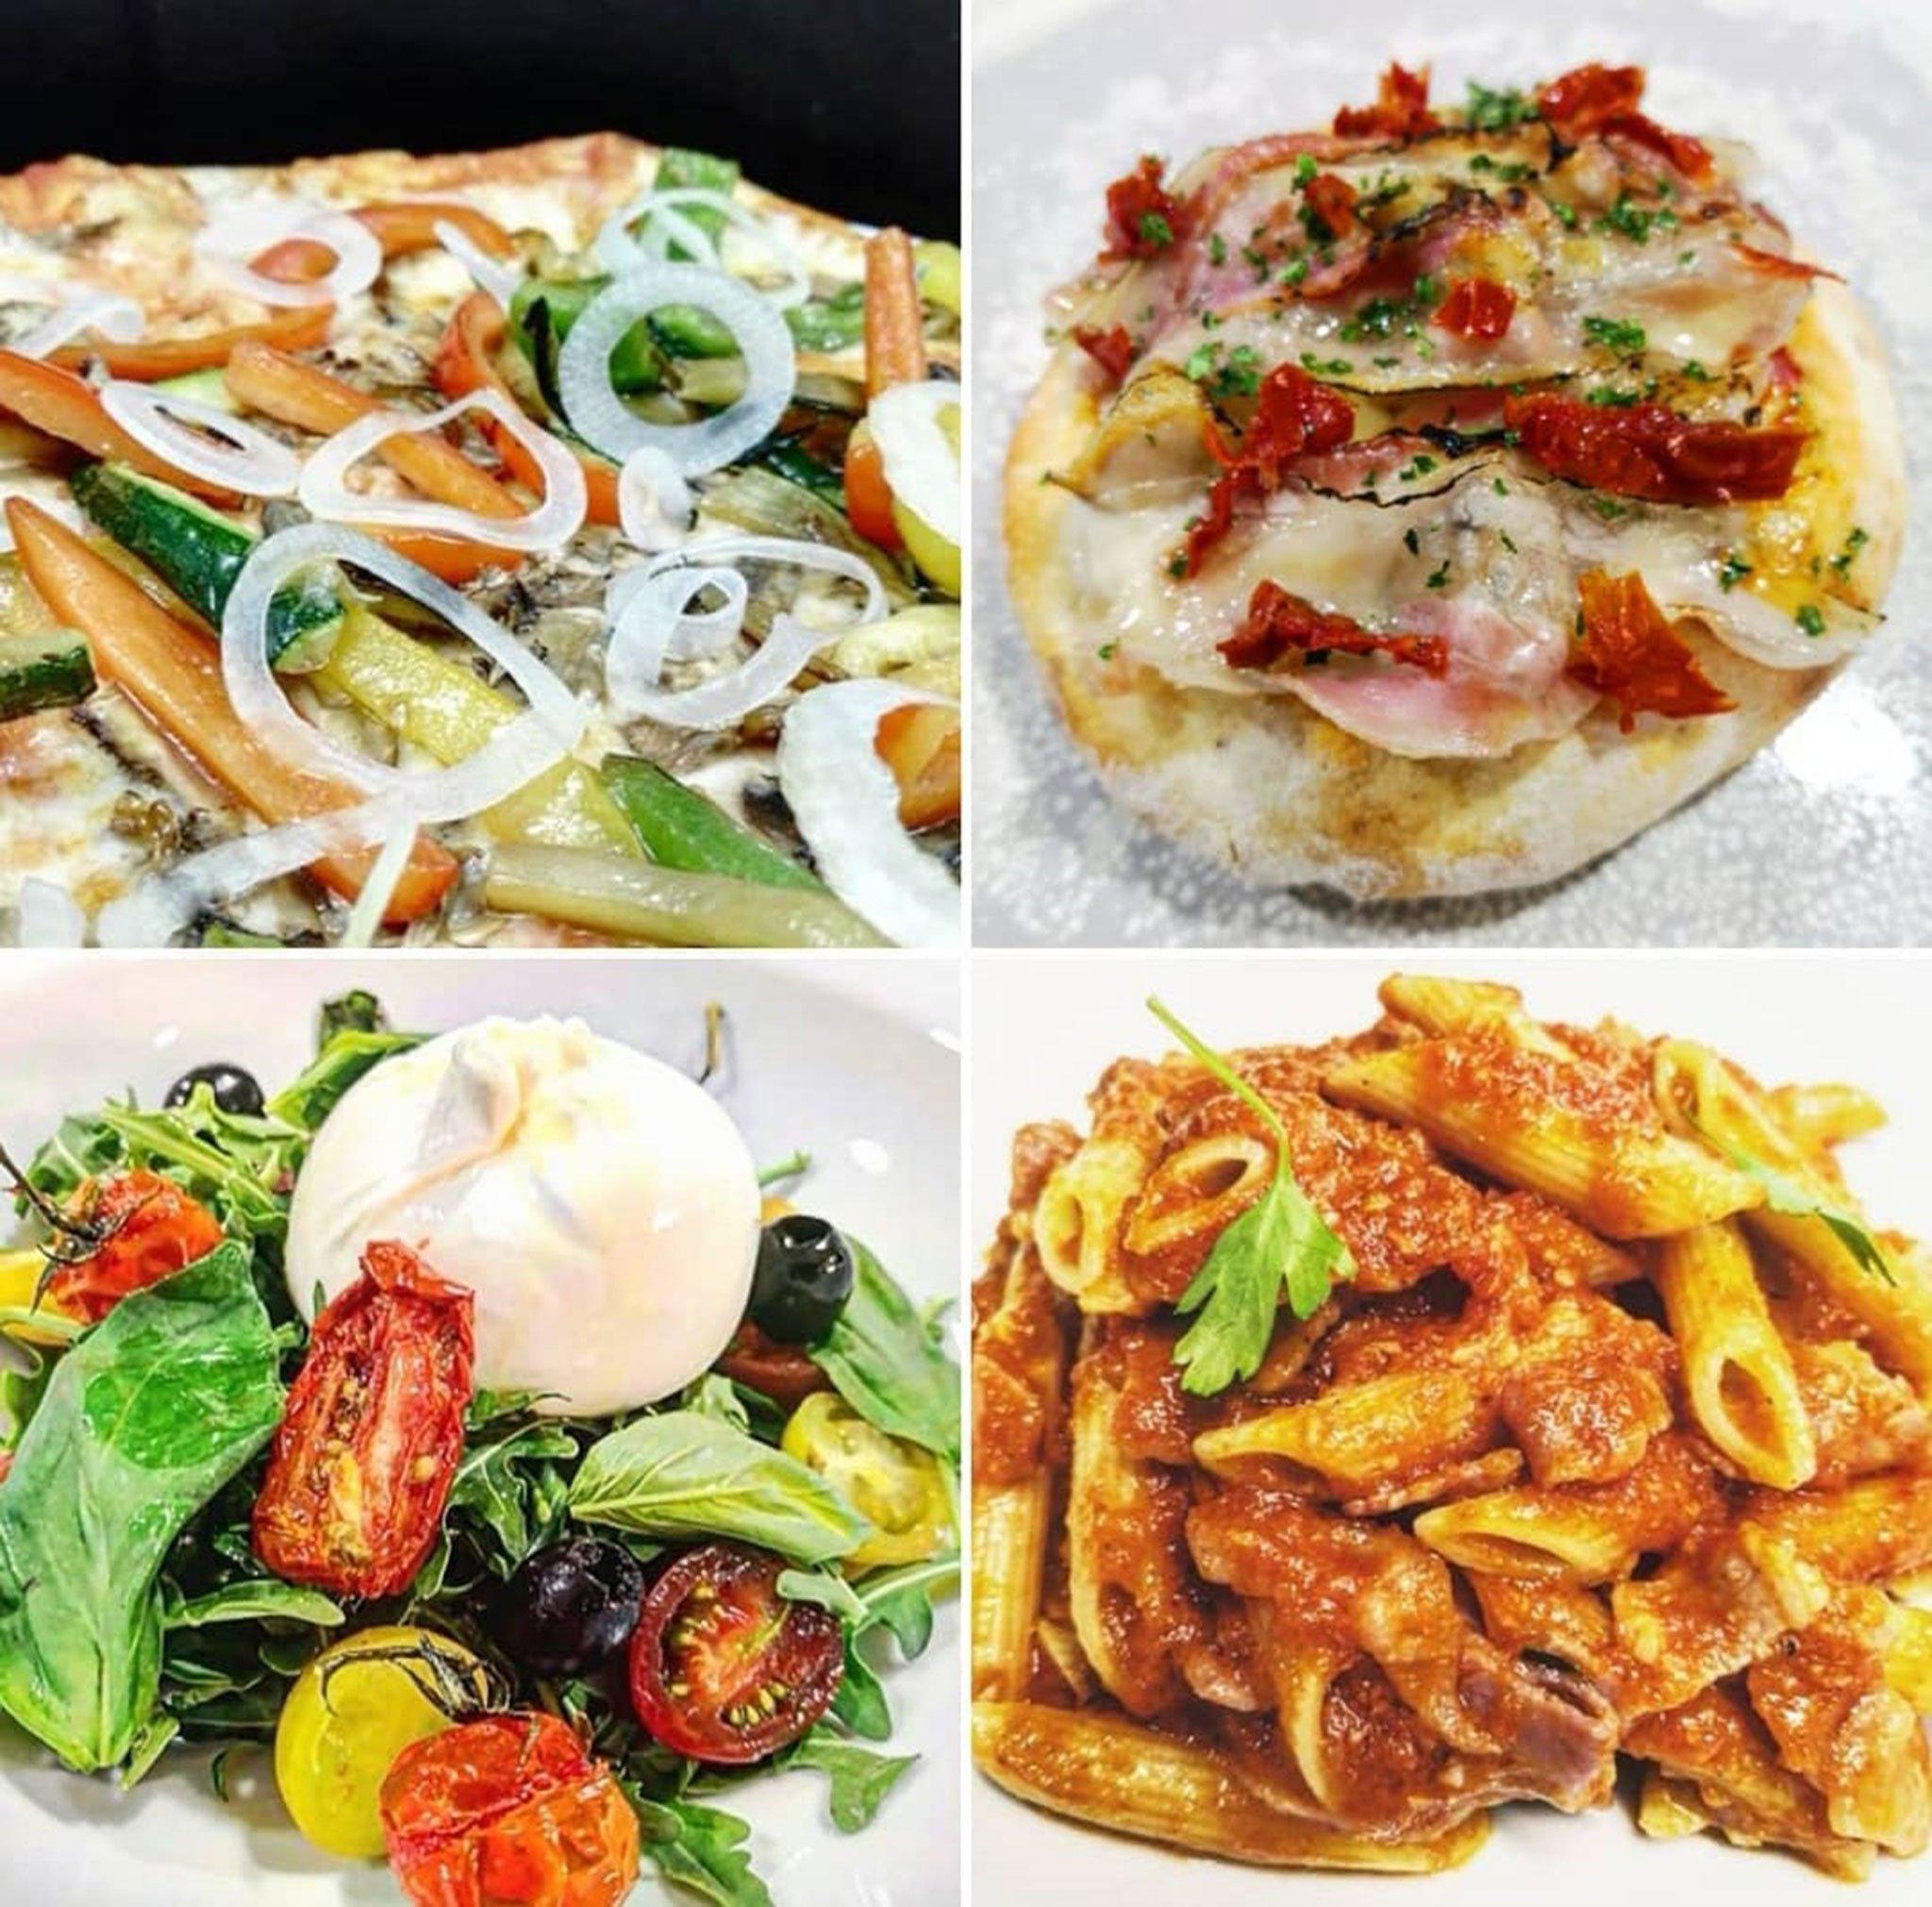 Platos de Restaurante Da Giulia